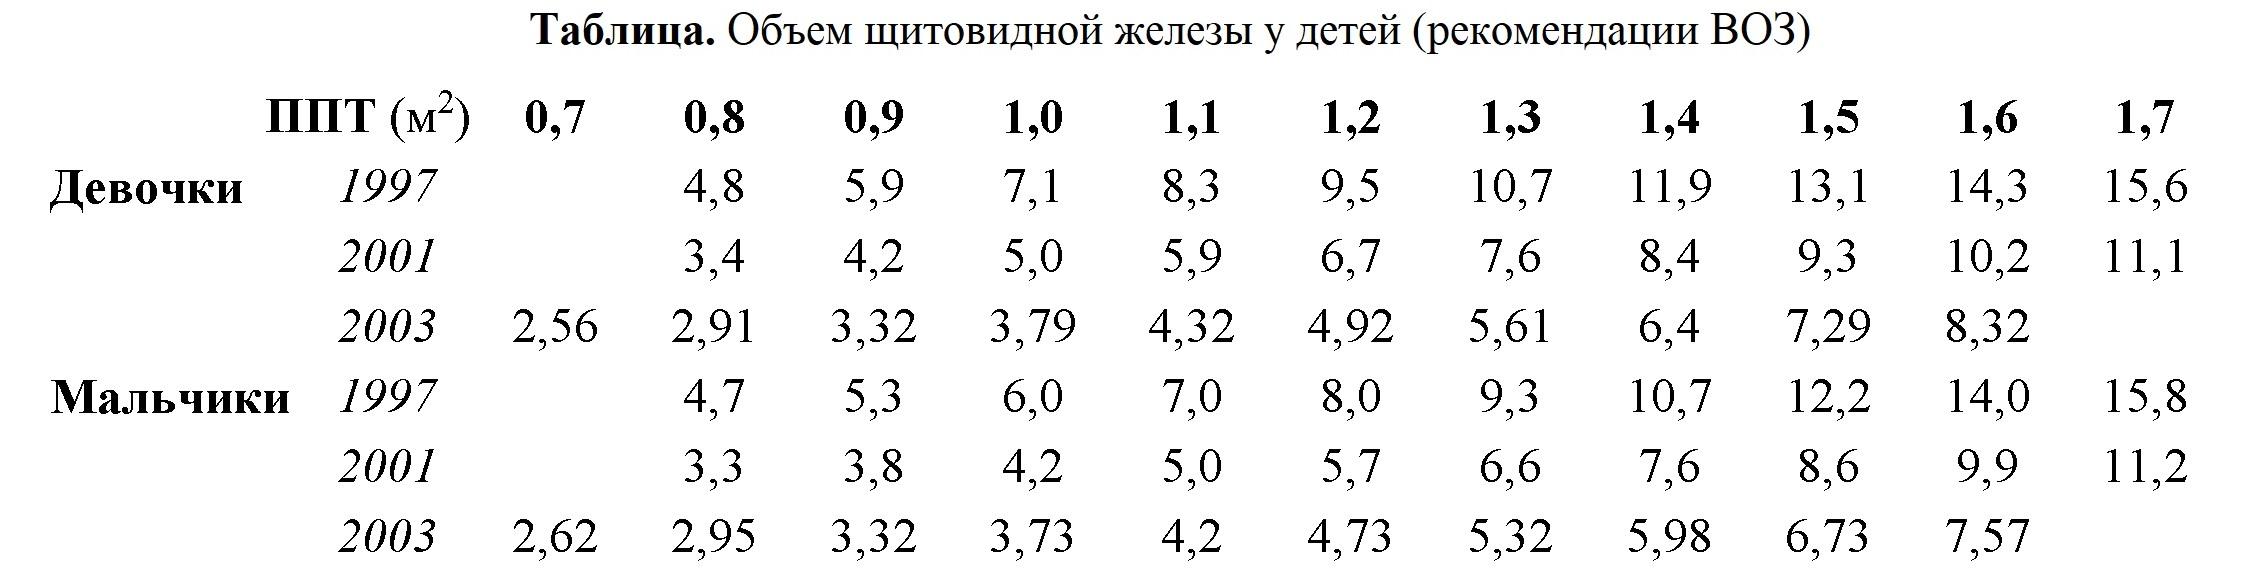 Таблица размеров щитовидной железы у женщин